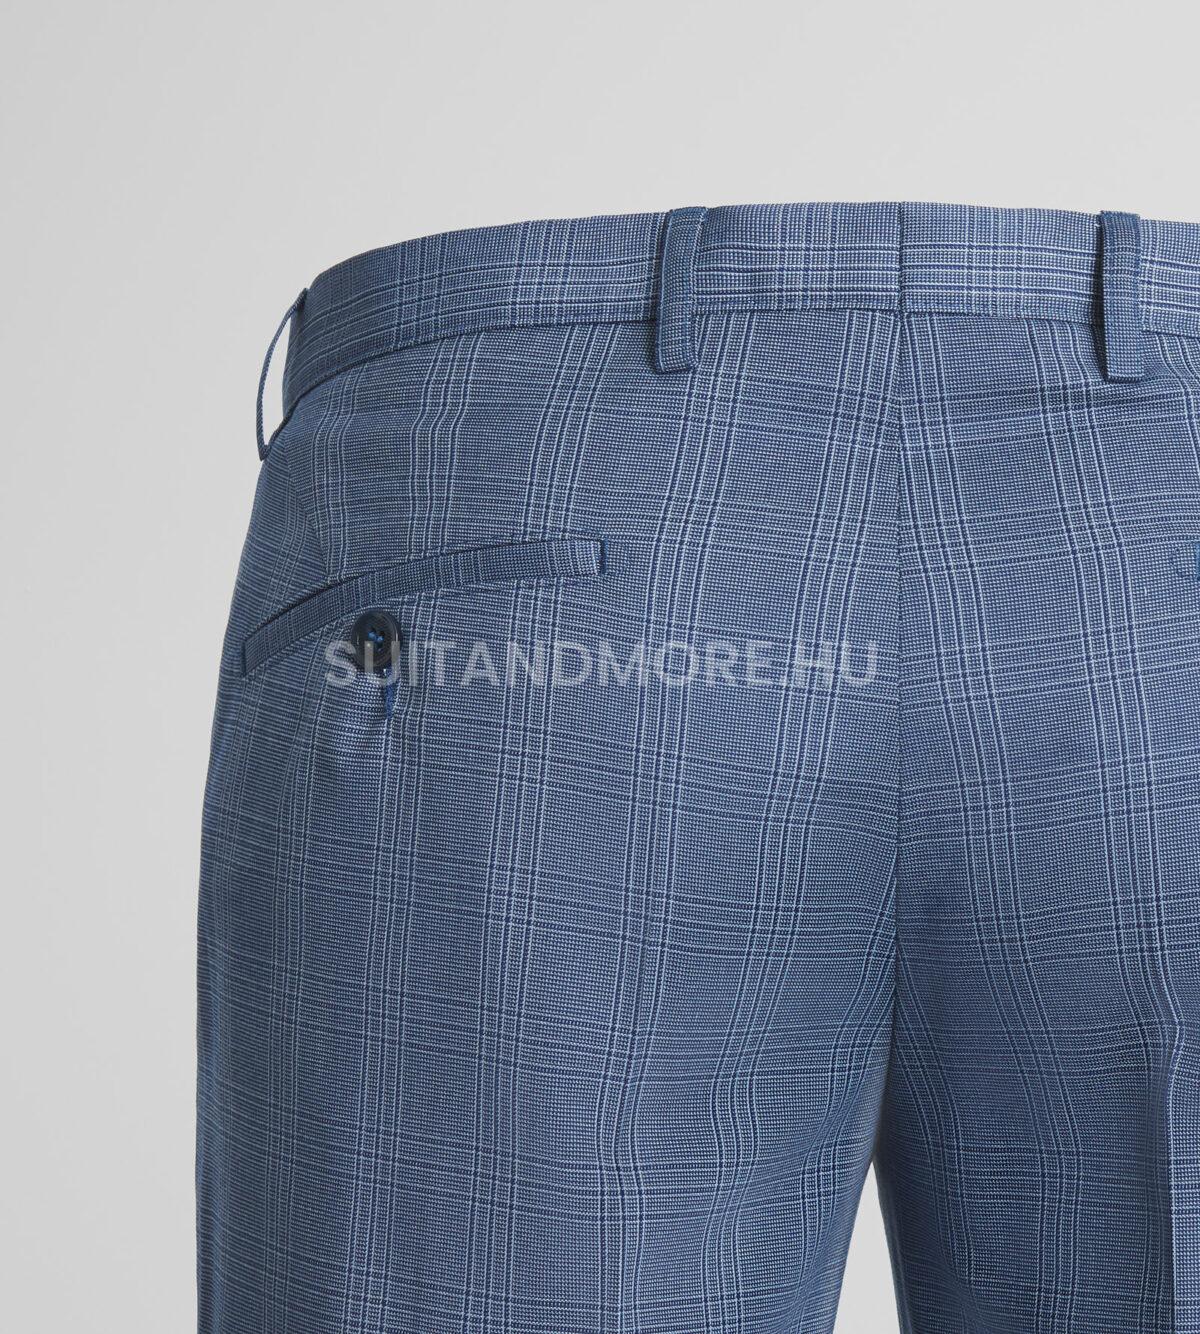 DIGEL-Move-kék-extra-slim-fit-kockás-nadrág-NANNO-NATE-NICOLO-99727-25-03